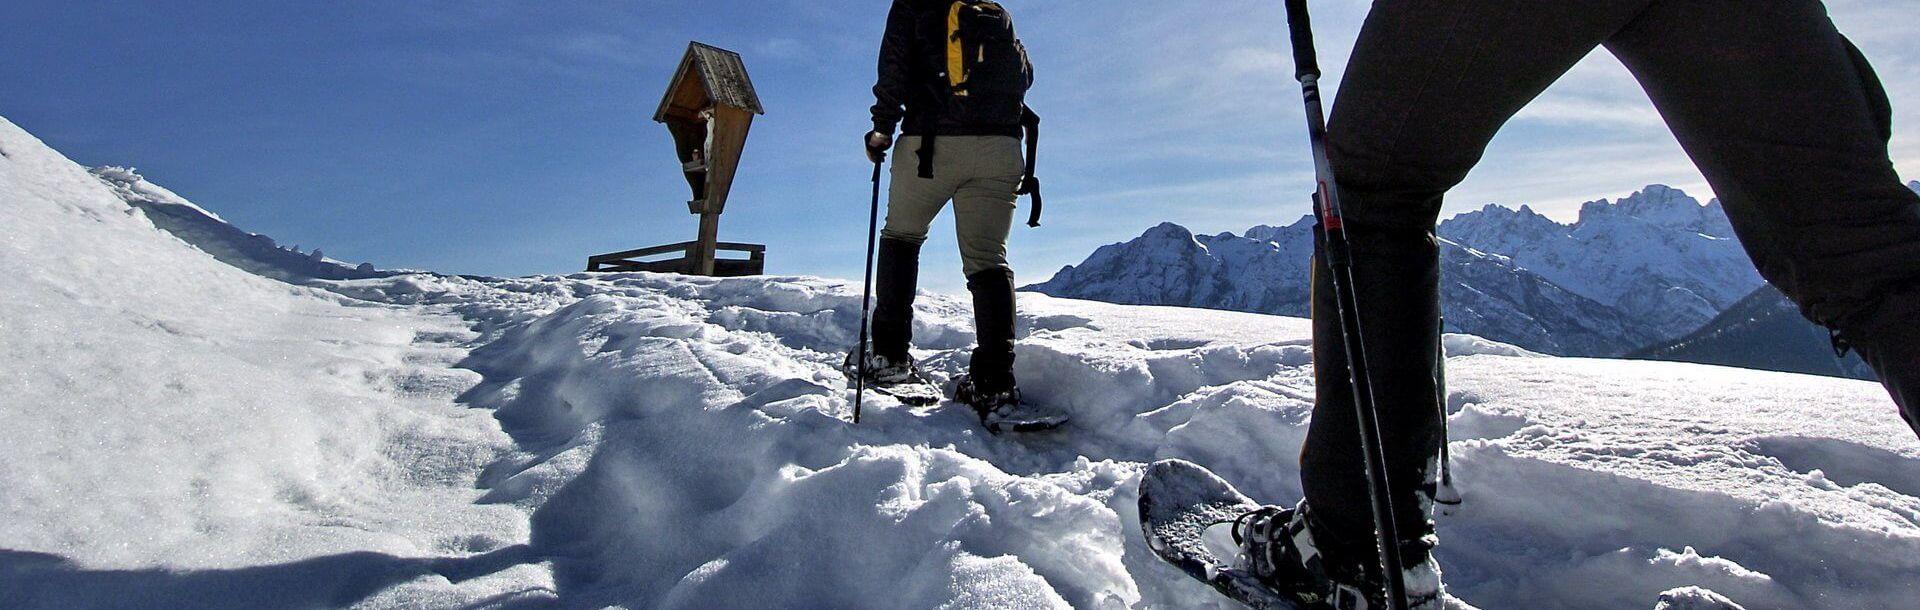 Gailtal und Lesachtal - Schneeschuhwandern - OsttirolerLand.com   © TVB Osttirol Lesach